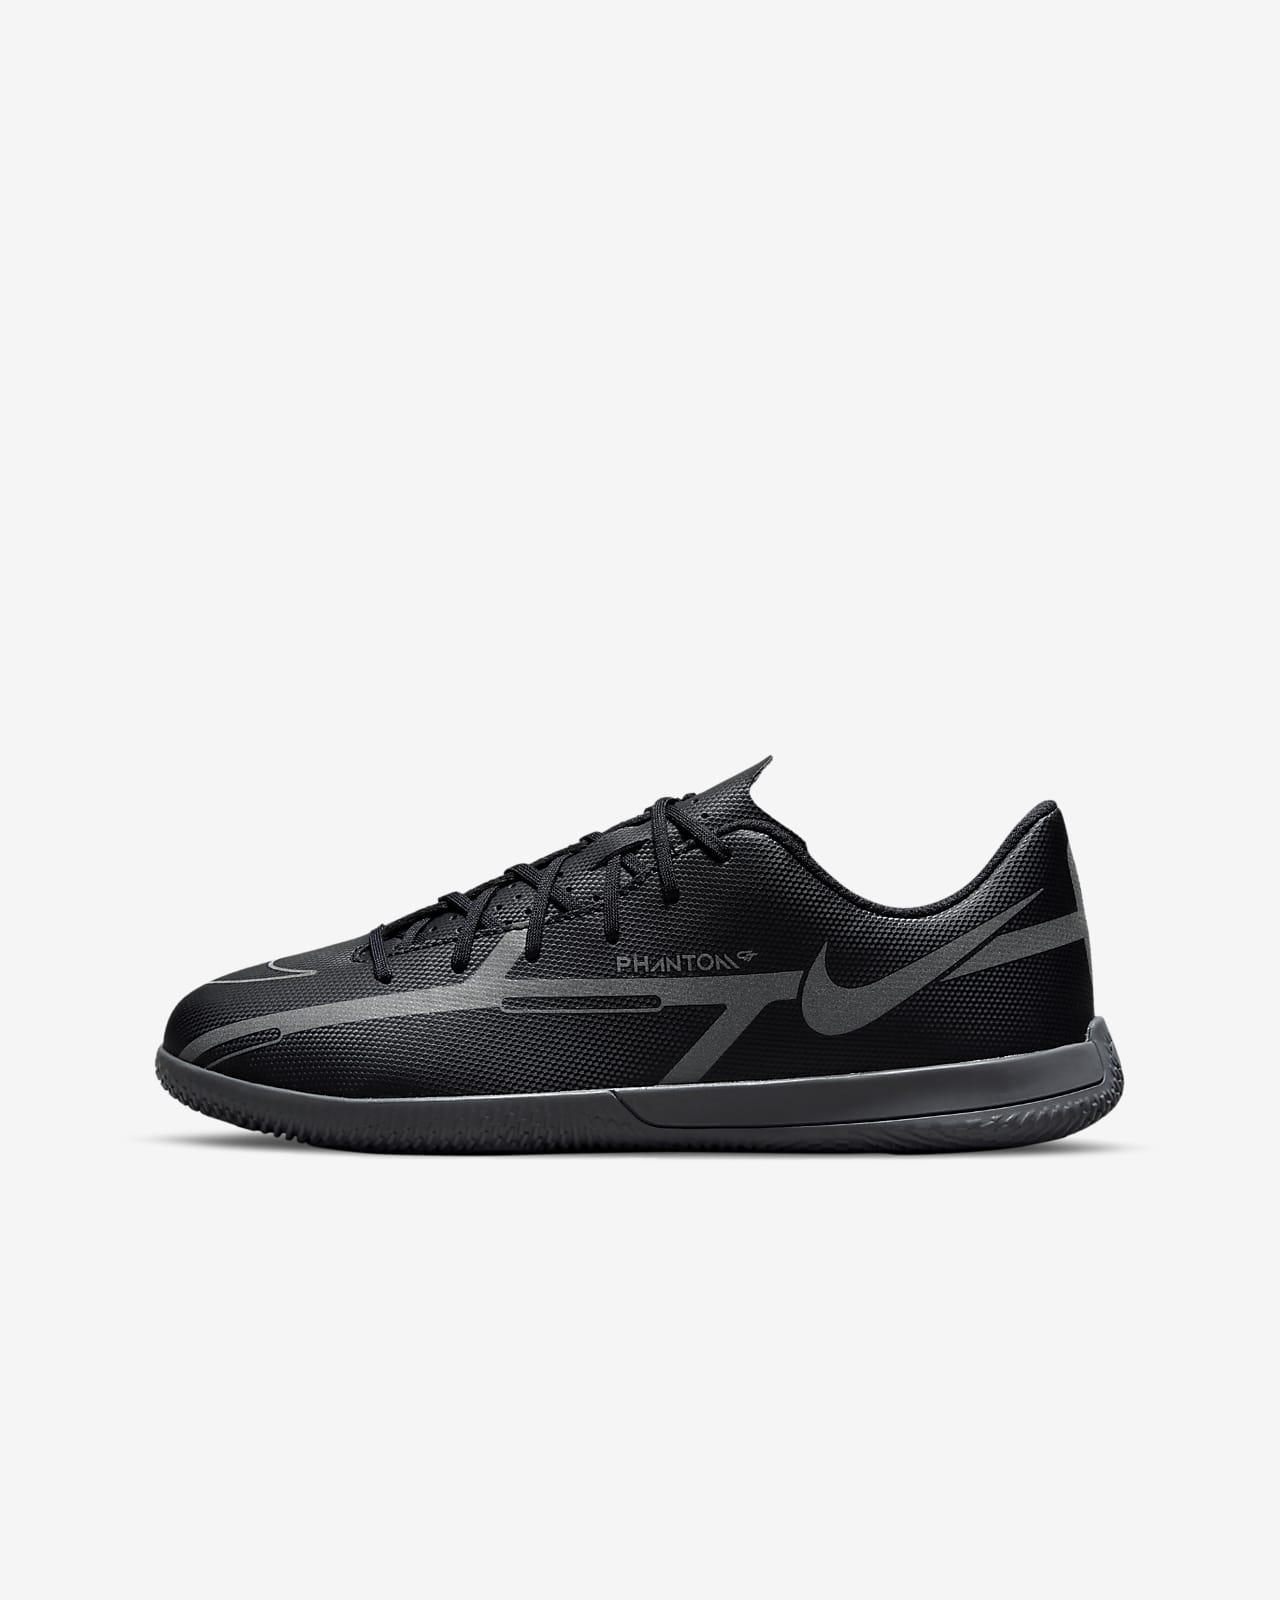 Halowe buty piłkarskie dla małych/dużych dzieci Nike Jr. Phantom GT2 Club IC